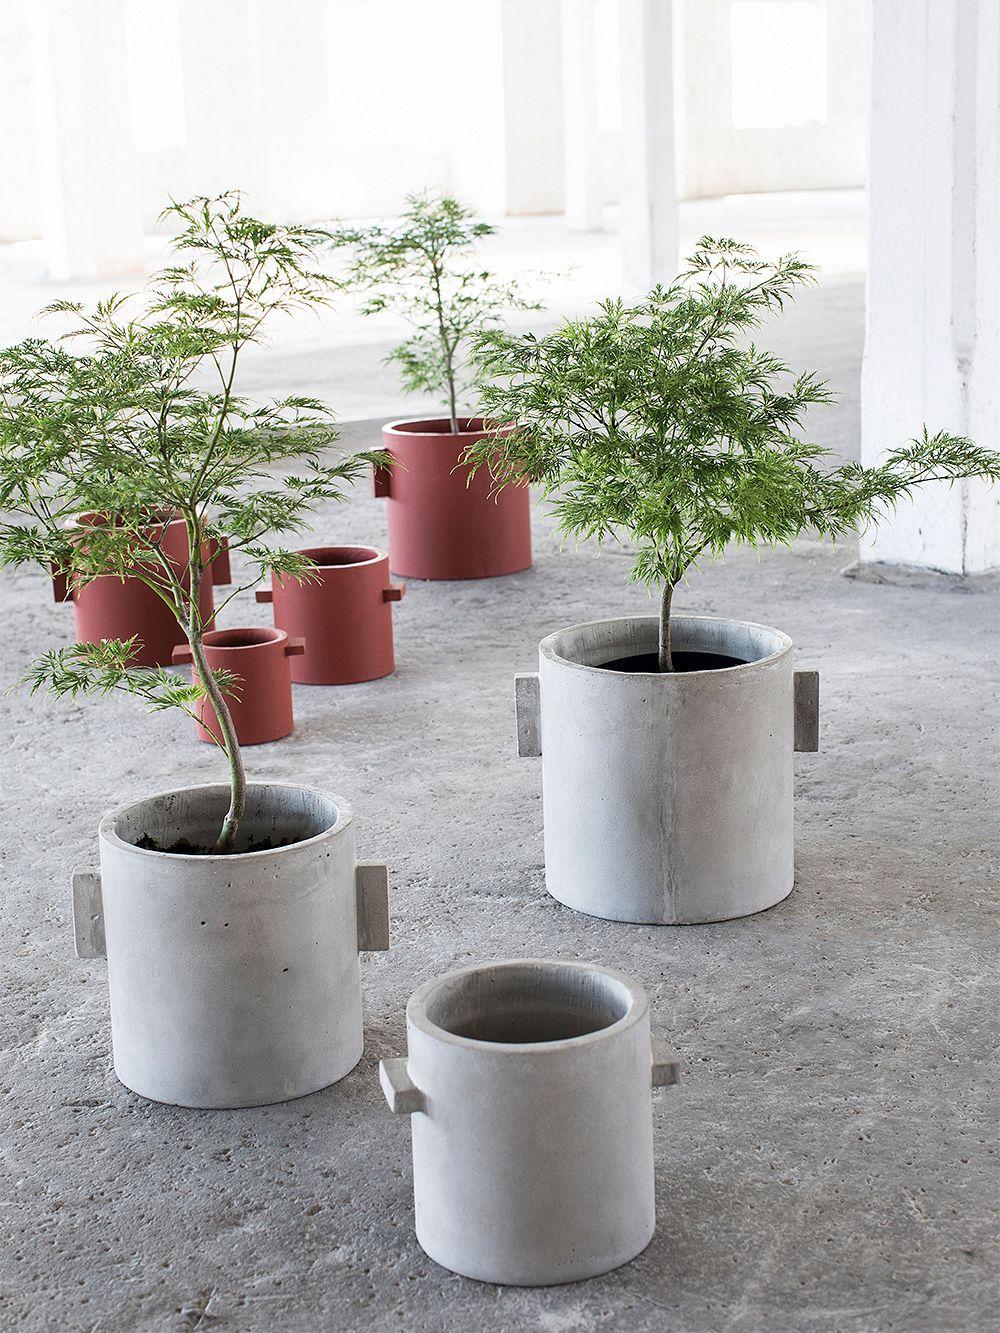 Serax Concrete plant pot 30 cm, grey